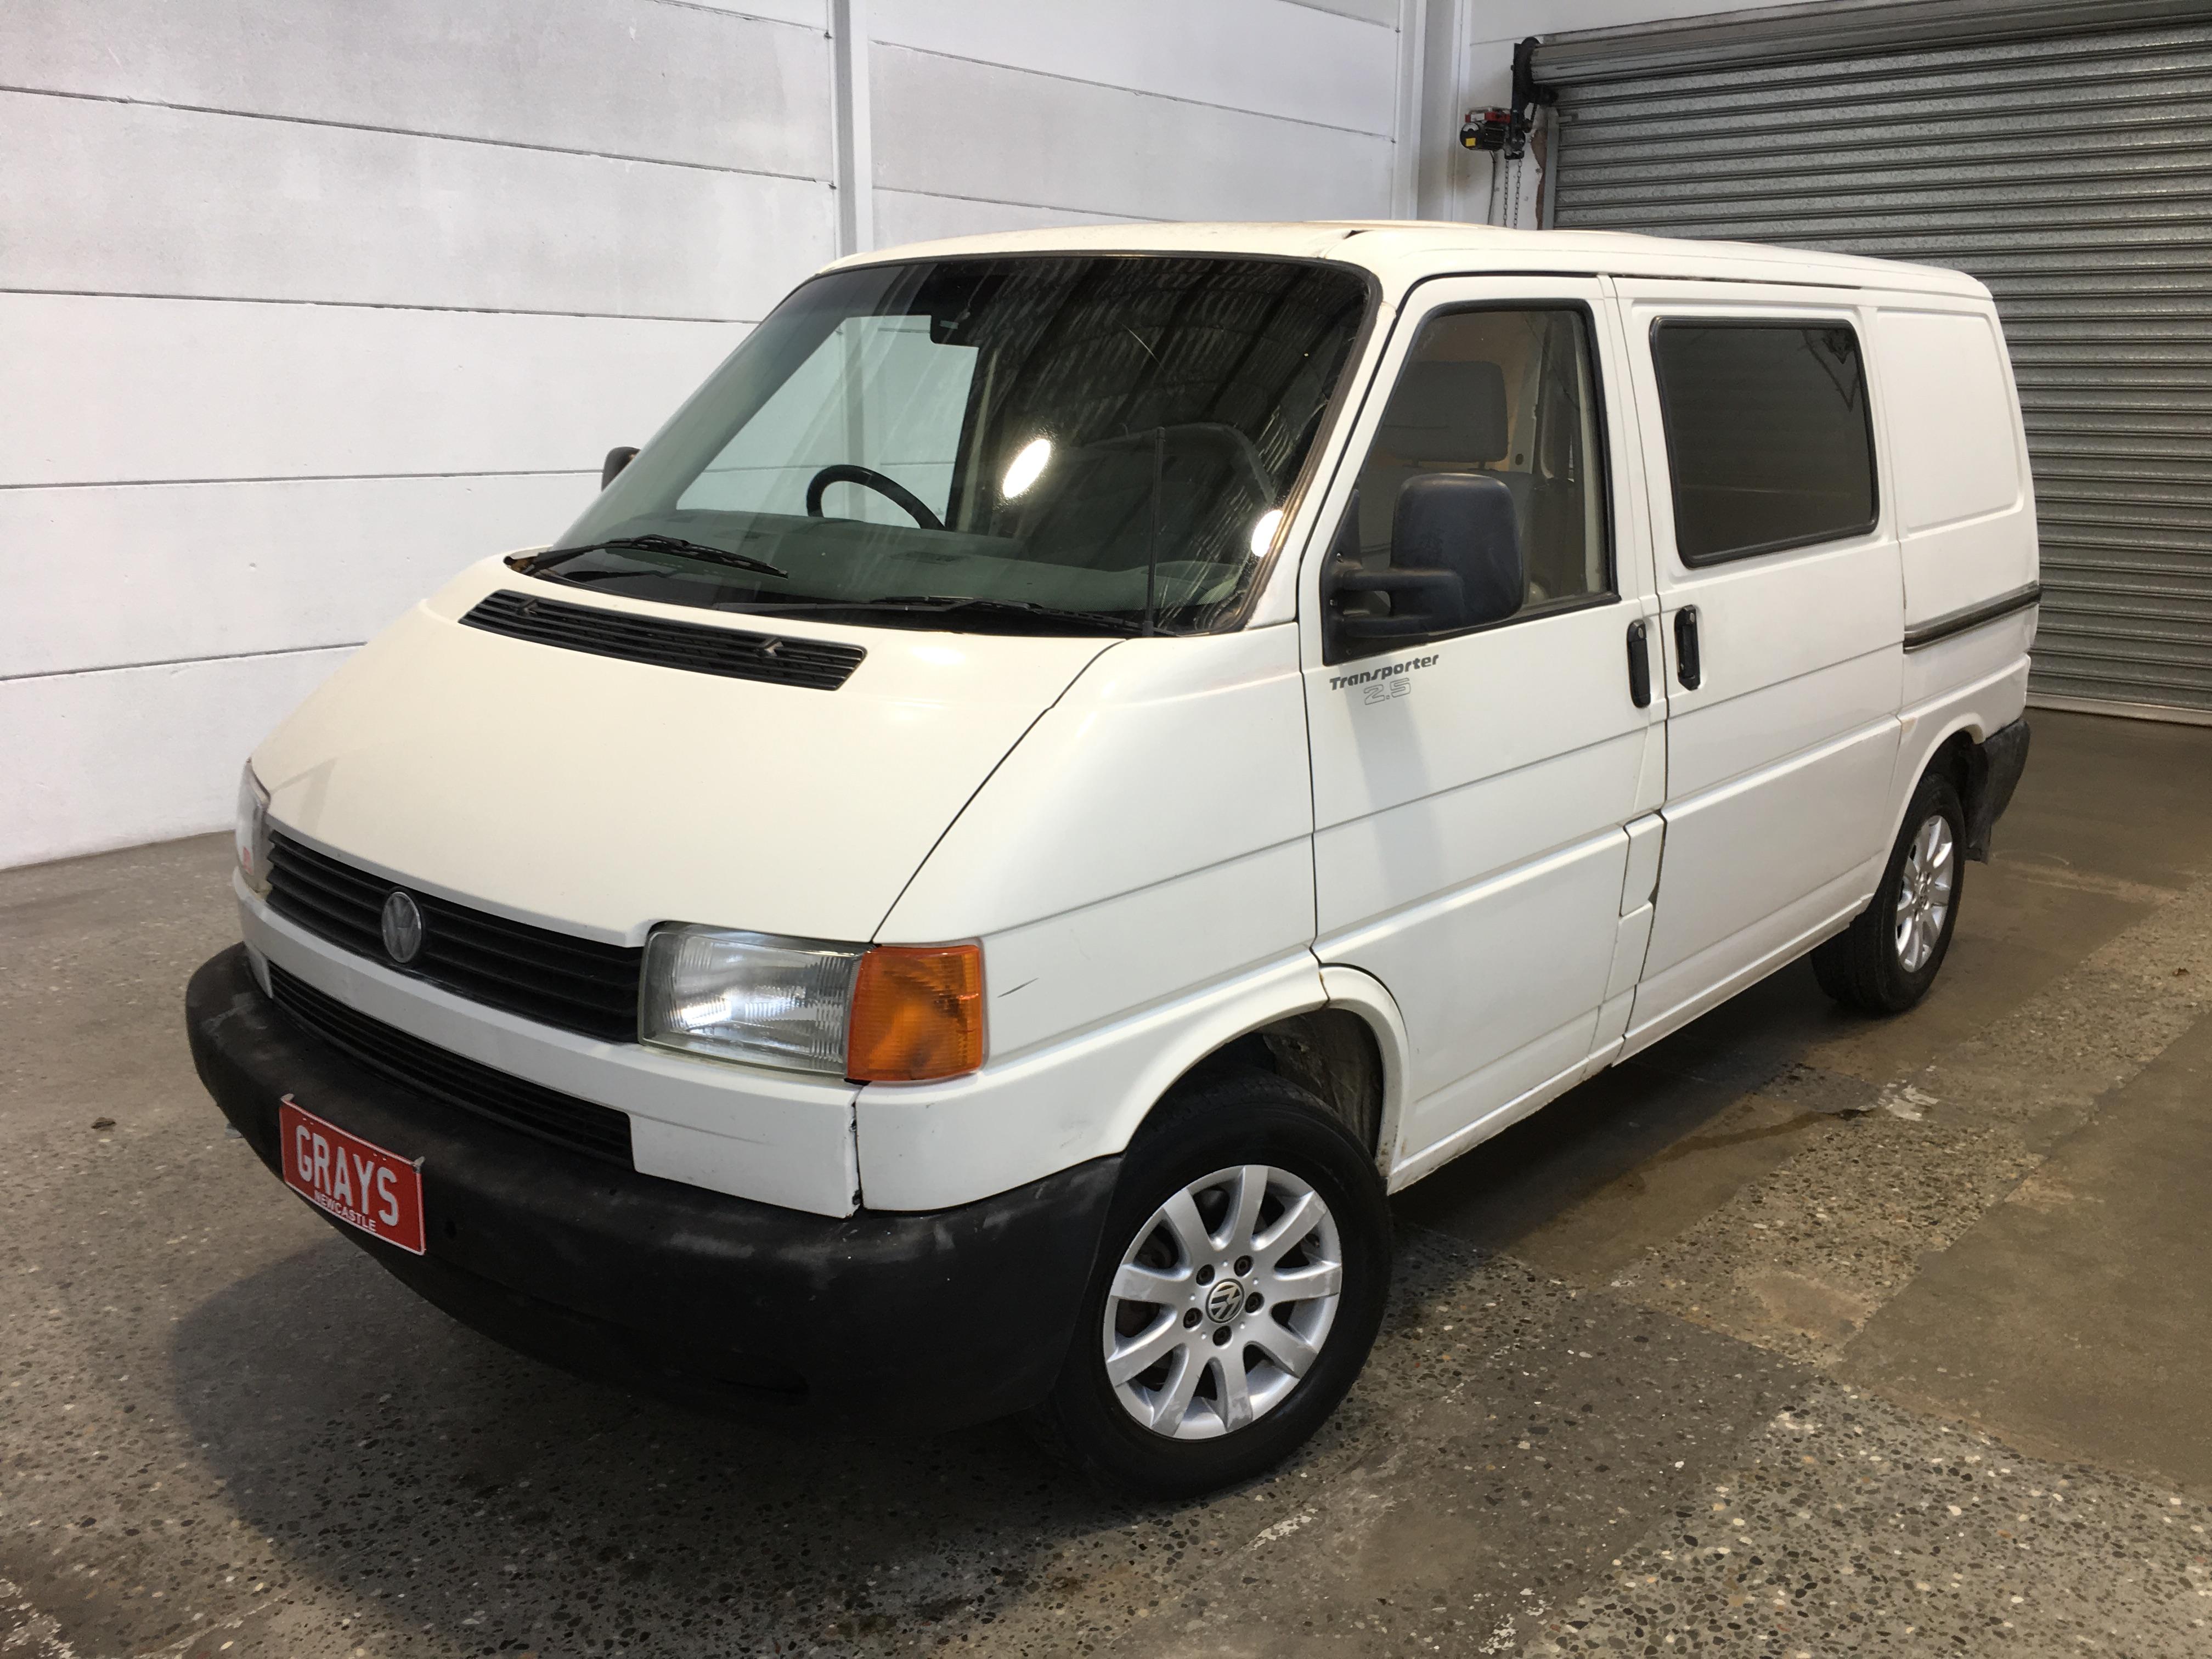 1997 Volkswagen Transporter (SWB) Automatic Van